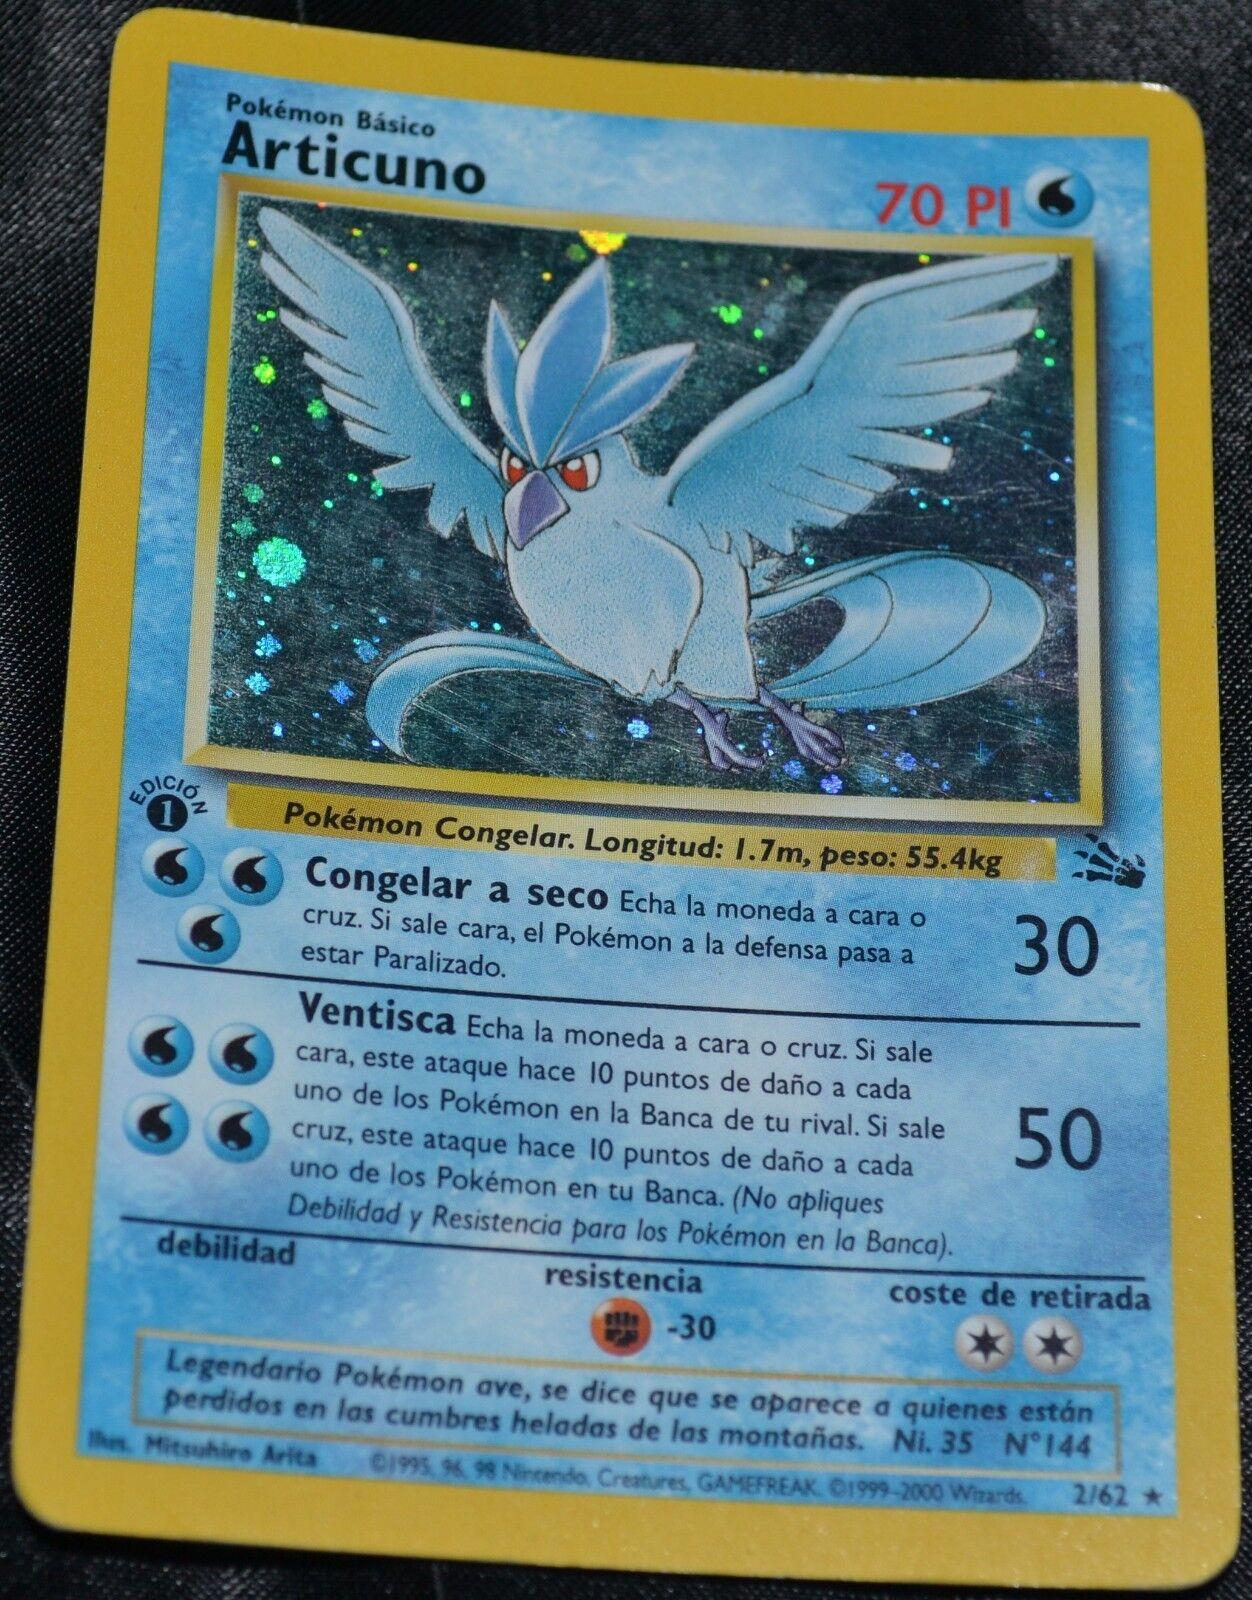 Spanische holo - folie articuno 2   62, 1. ausgabe, fossilen set pokemon tauschkarten hp